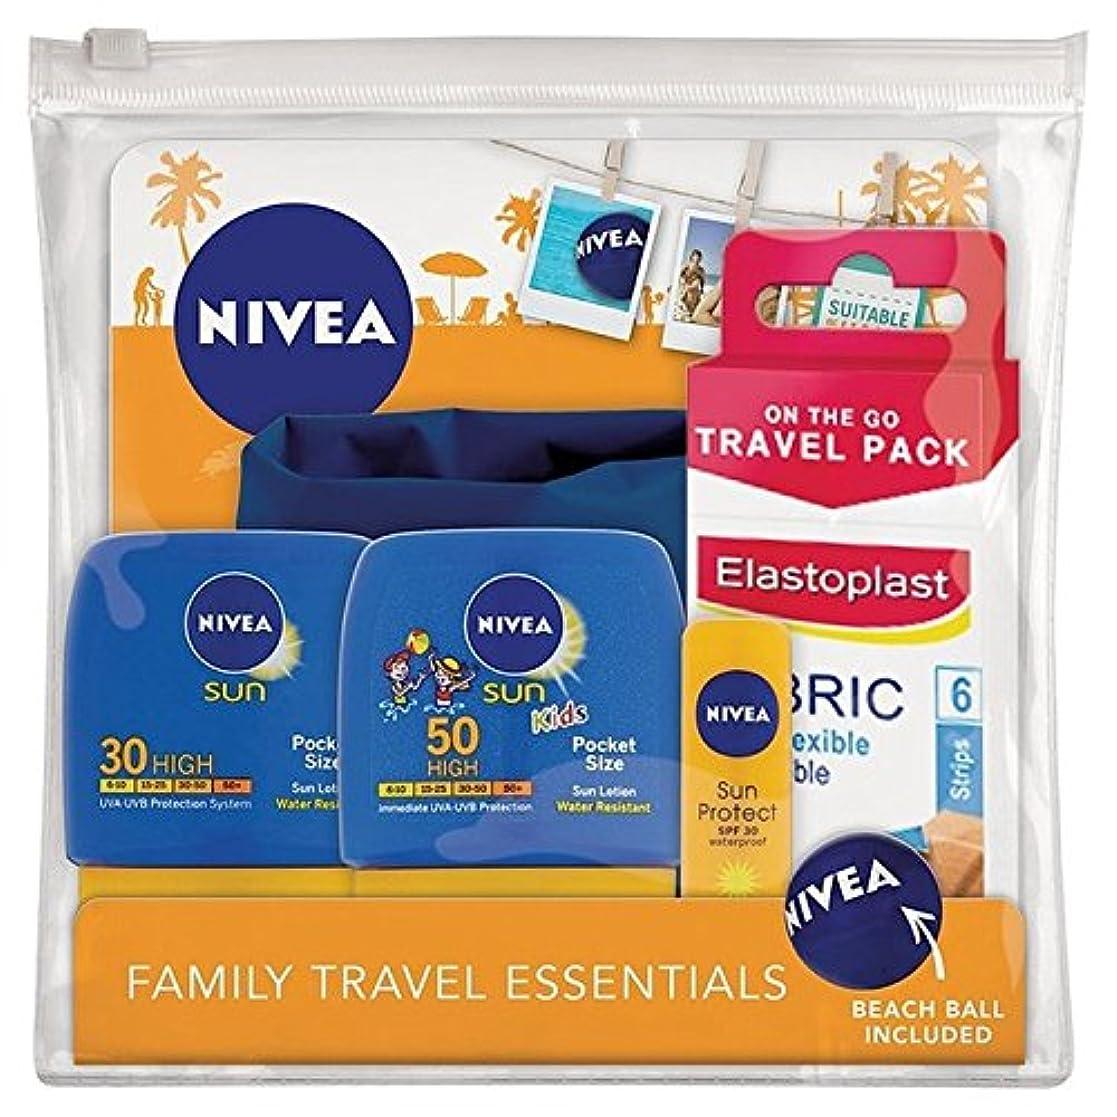 デッドロック馬鹿マーティフィールディングニベア日旅行パック x4 - Nivea Sun Travel Pack (Pack of 4) [並行輸入品]